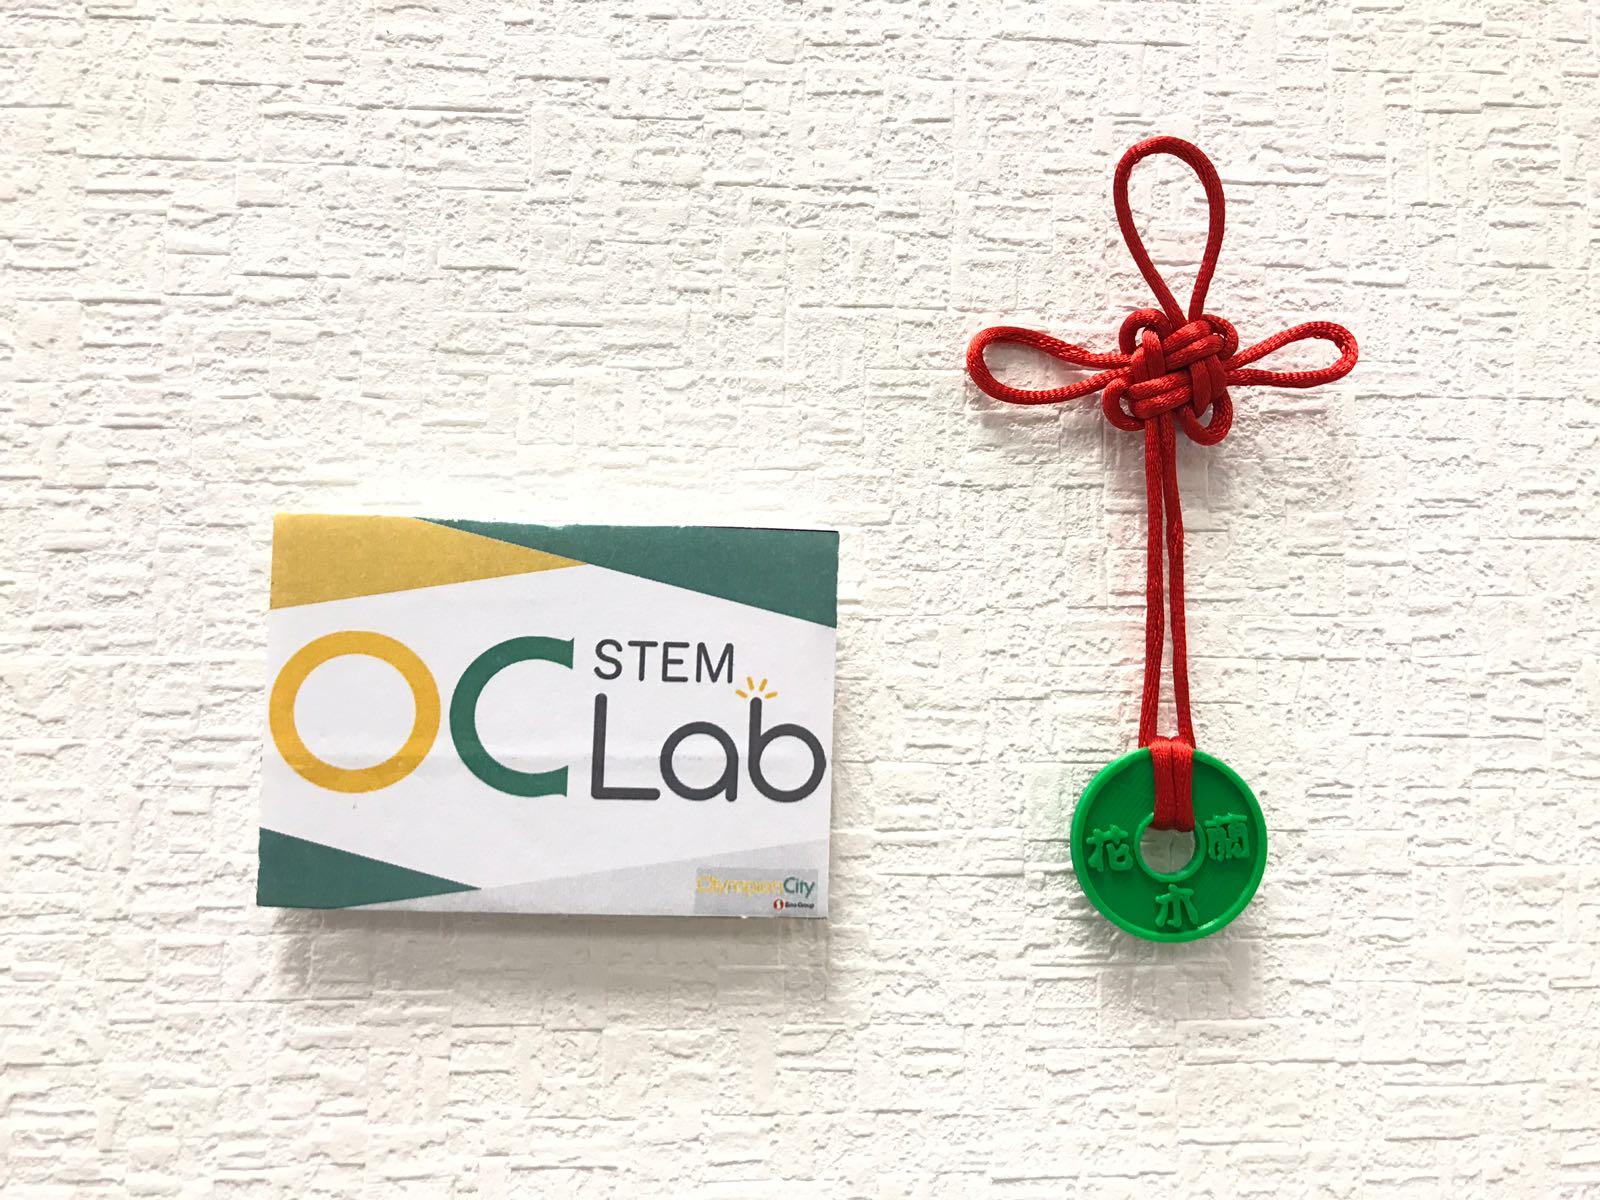 完成工作坊後,參加者更可獲贈3D打印「花木蘭」仿製玉配乙個。